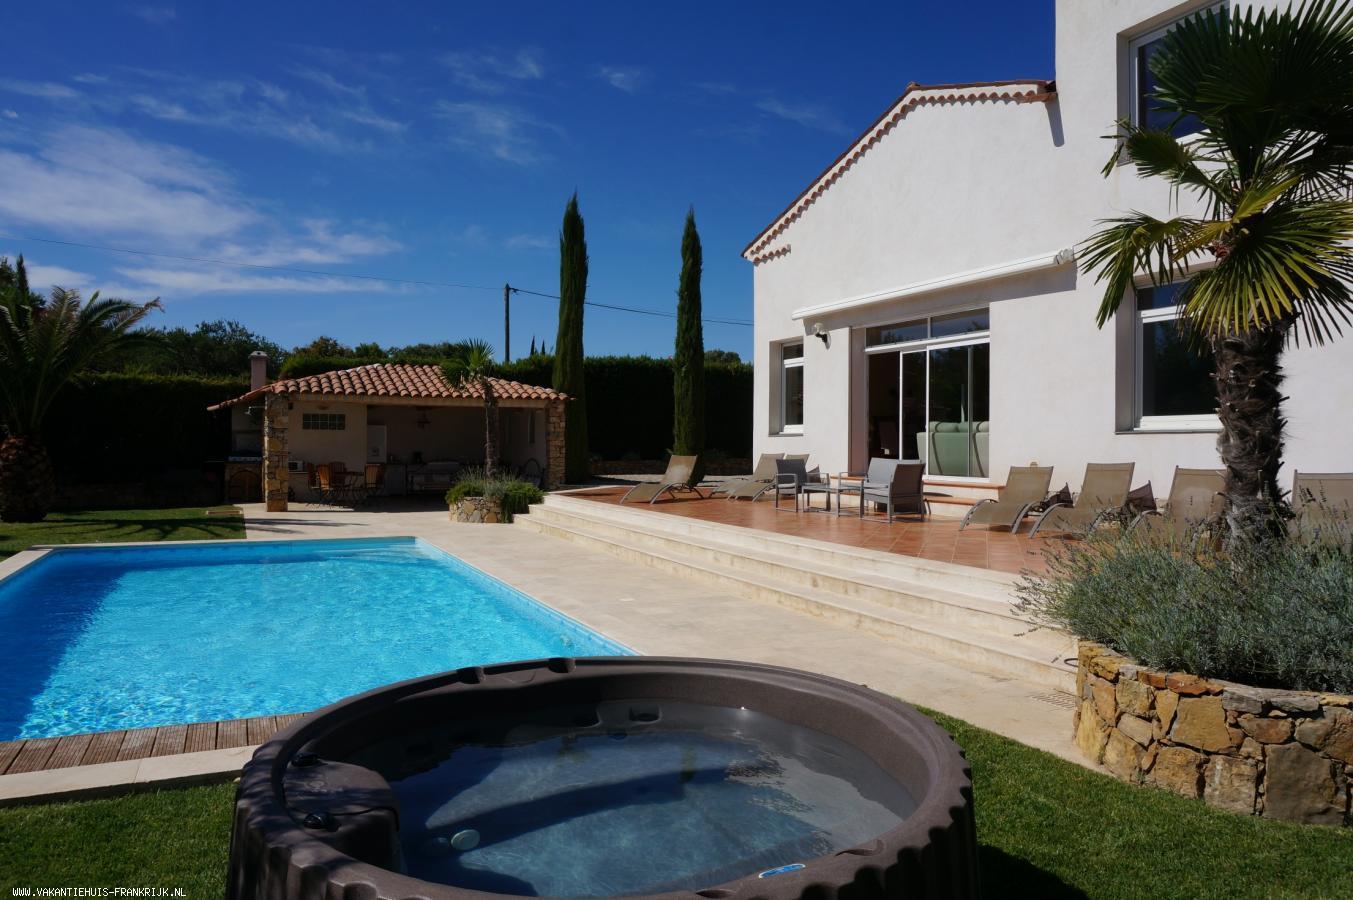 Vakantiehuis: Villa Diablotins is een prachtige 10-persoonsvilla met verwarmd zwembad en jacuzzi gelegen in een rustige wijk vlakbij het centrum van Lorgues. te huur voor uw vakantie in Var (Frankrijk)